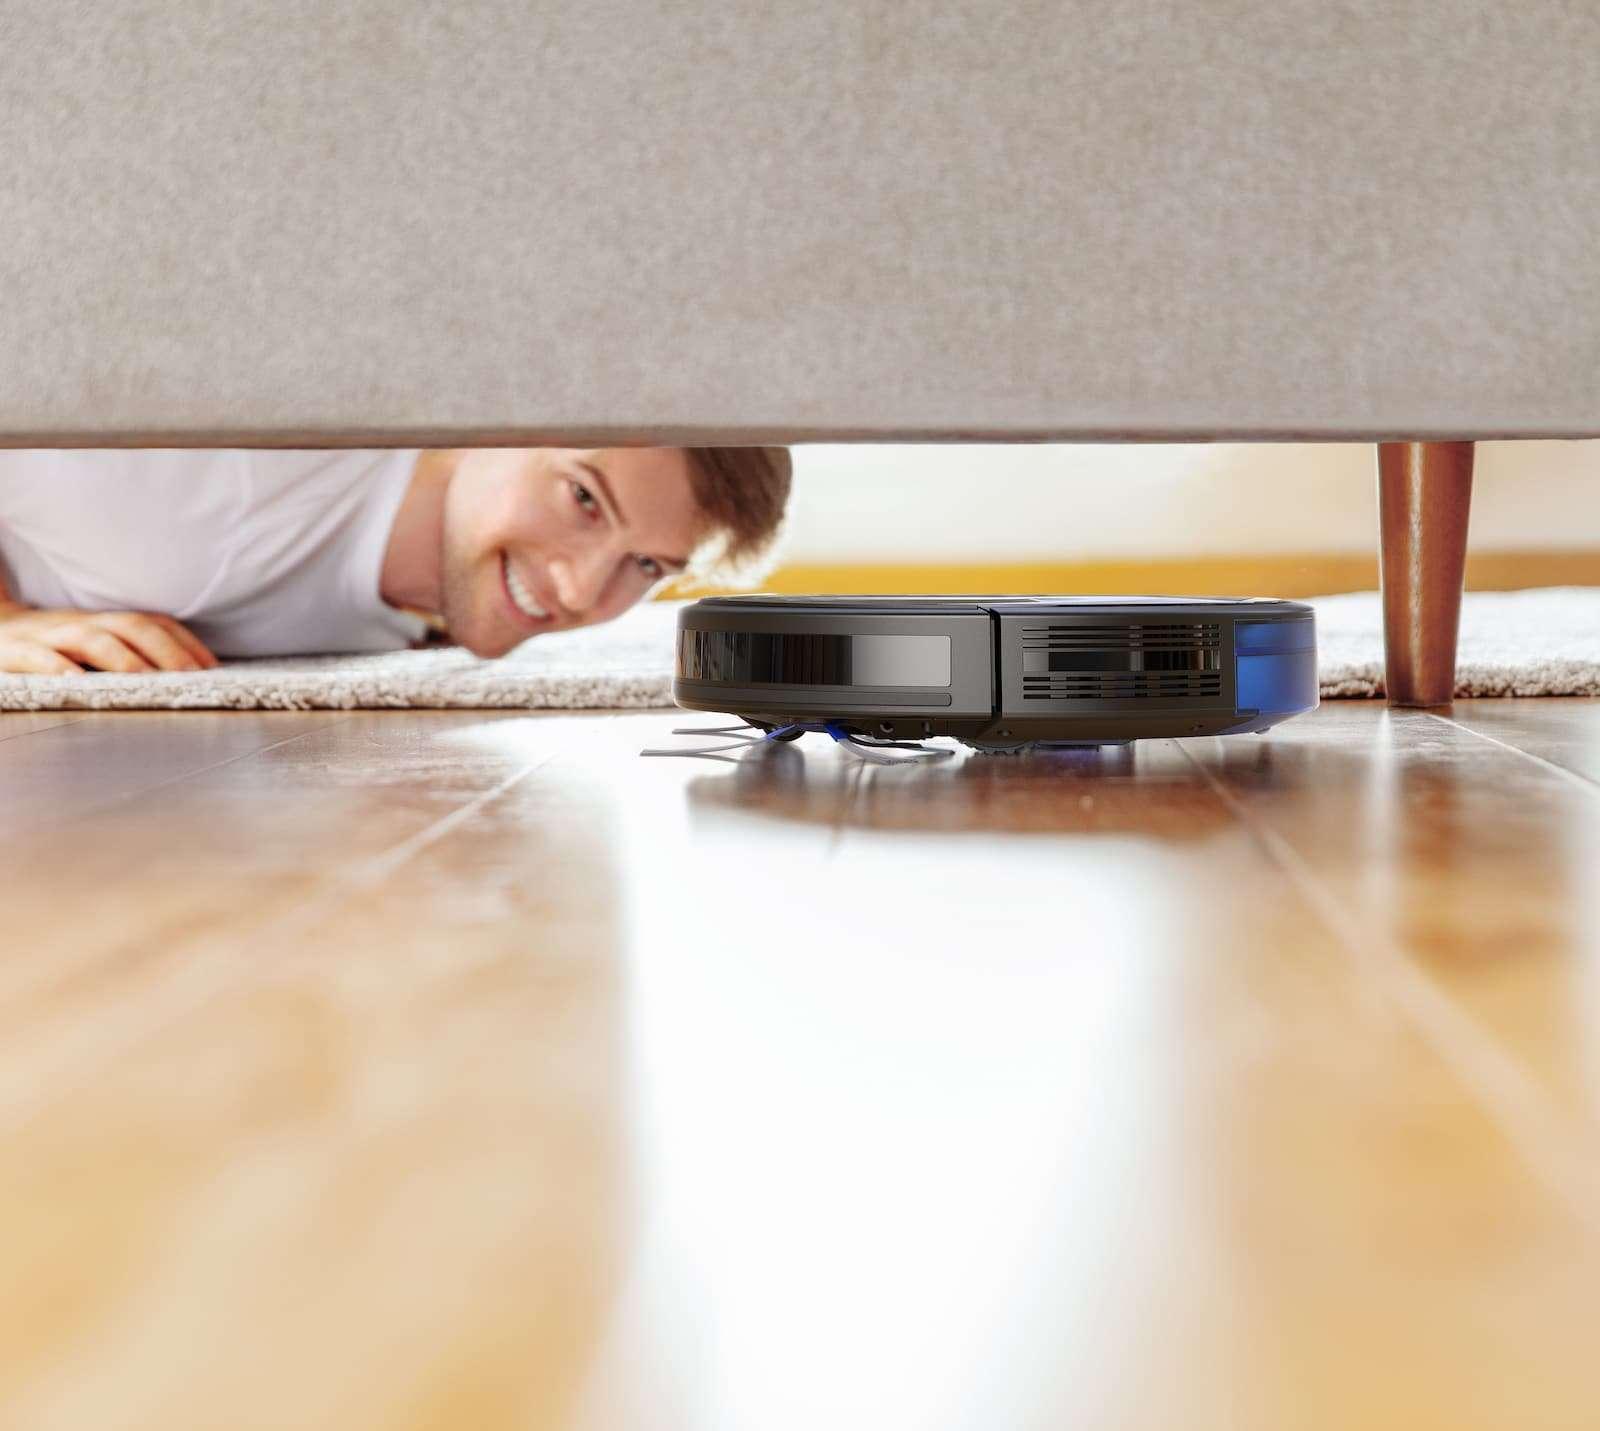 4 consejos para limpiar el hogar de forma eficaz pasadas las fiestas navideñas 5